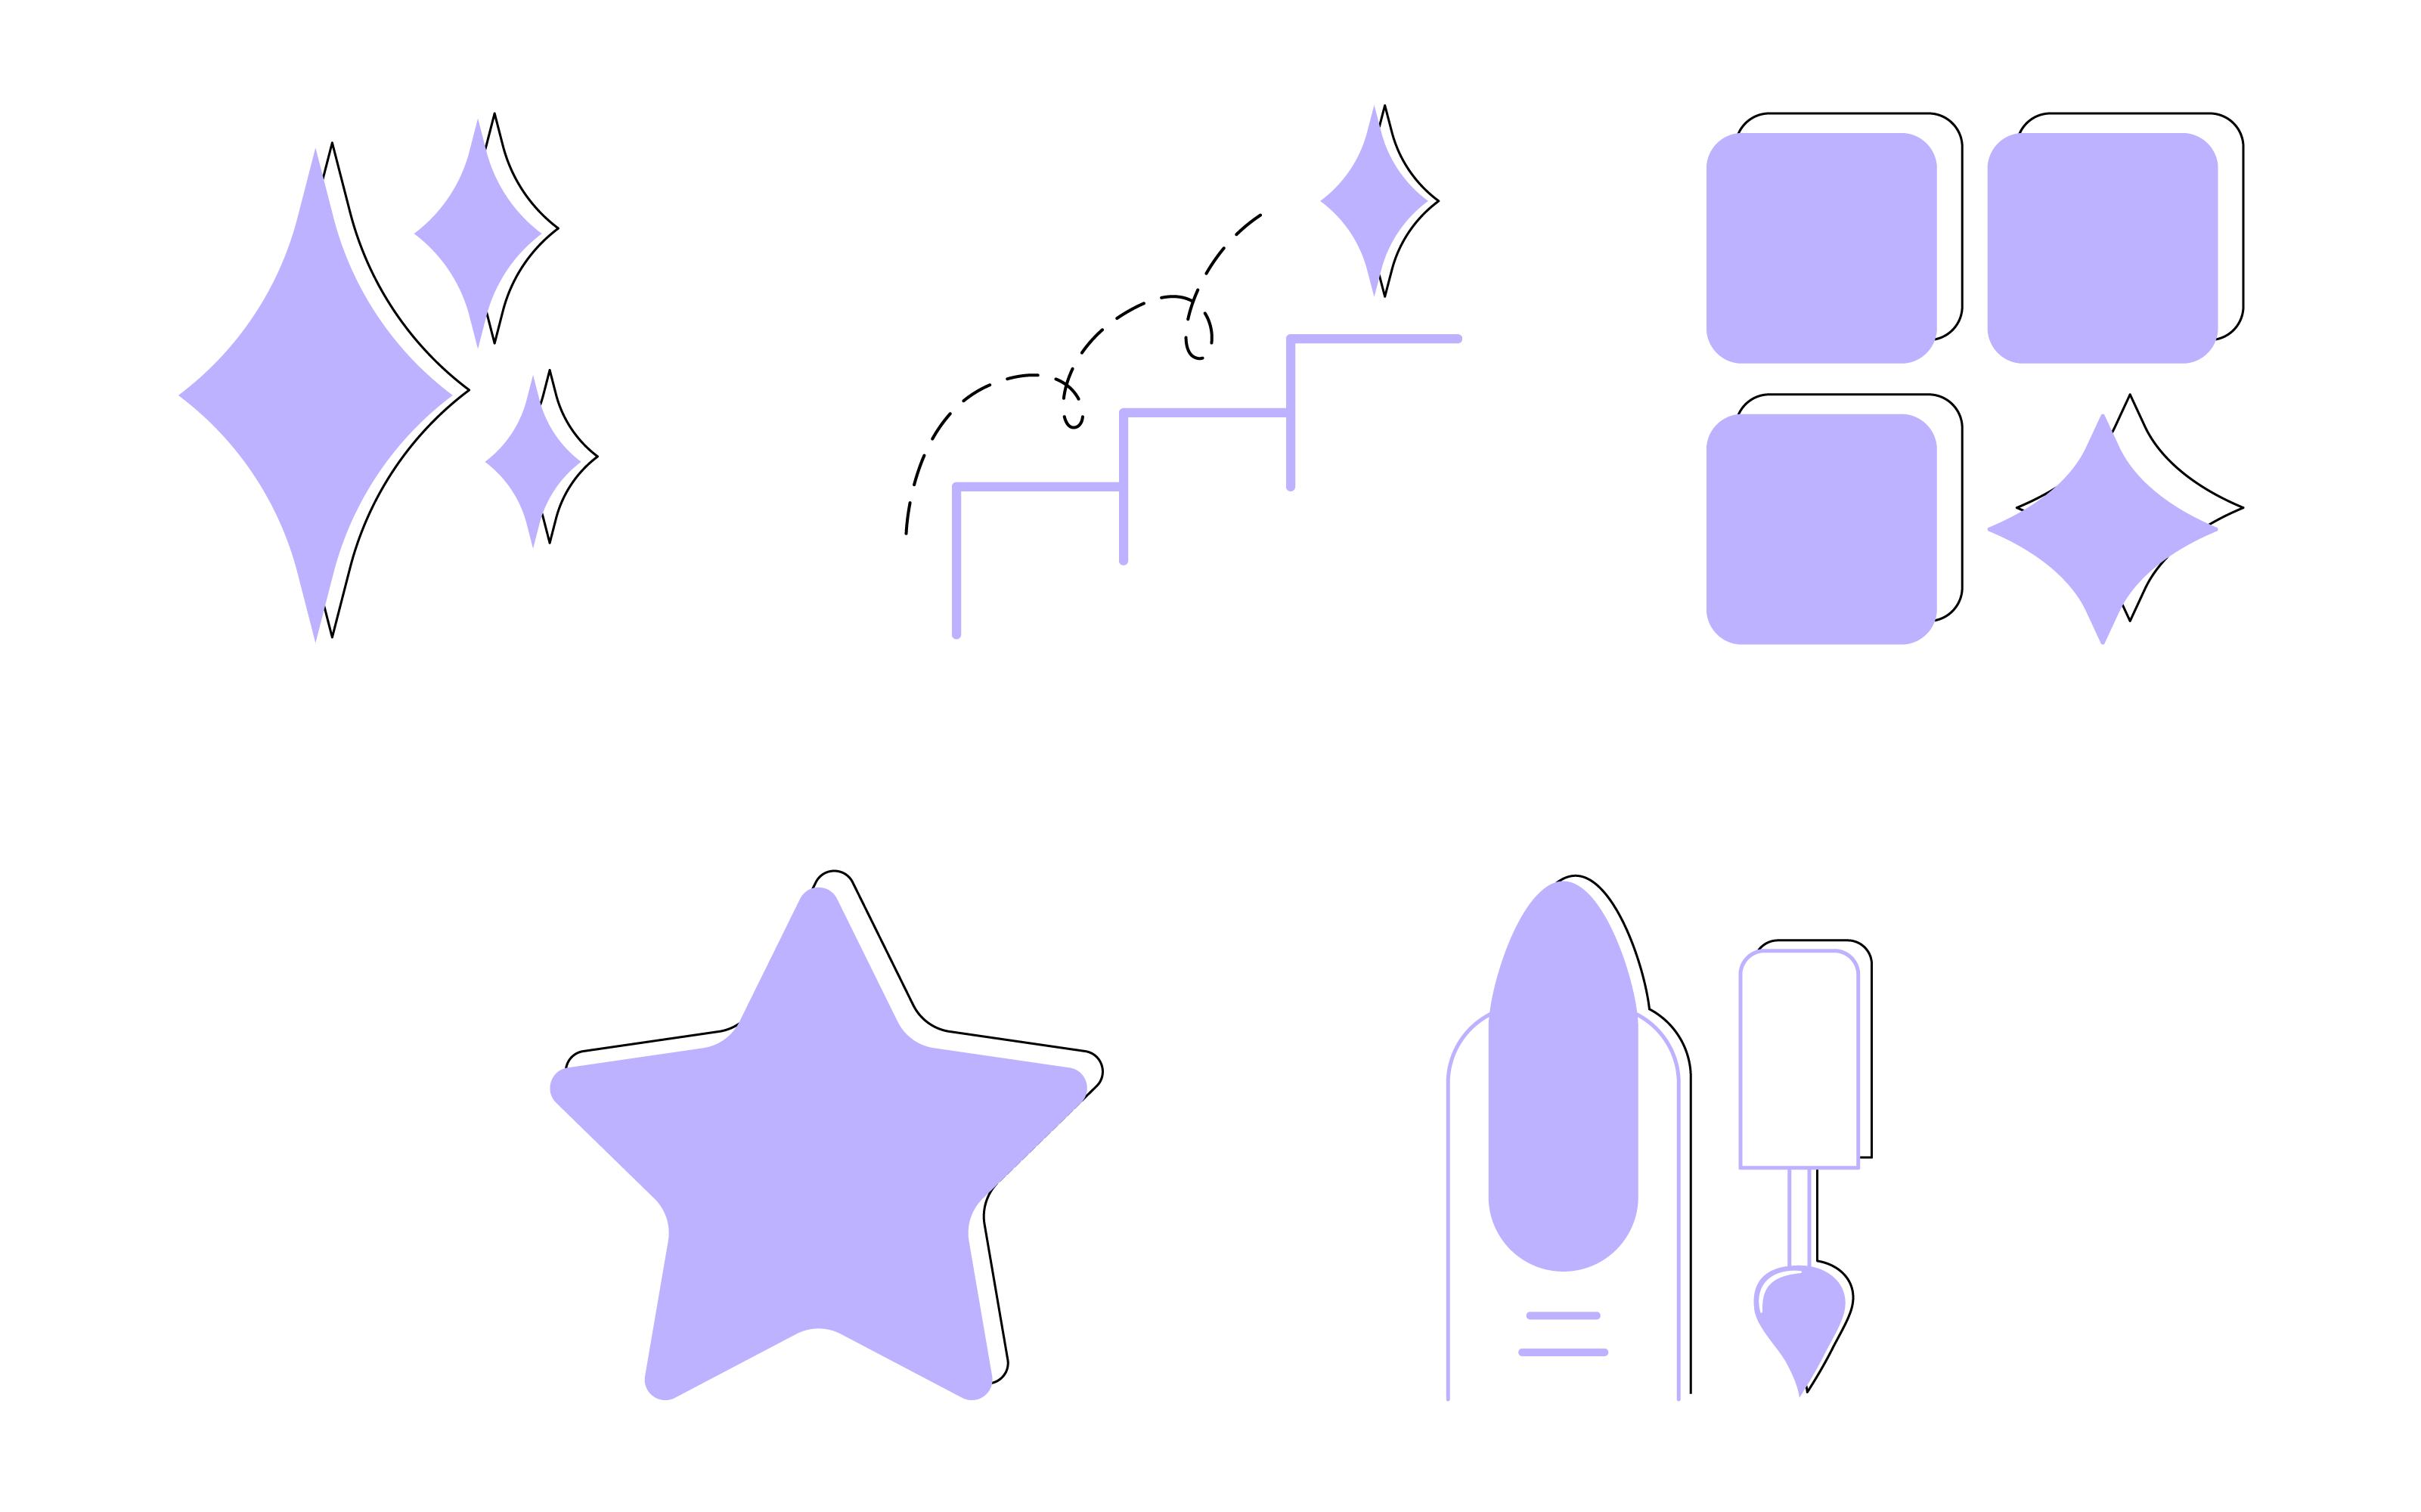 Фото Кнопки для мобильного приложения выполнены в графическом редакторе Adobe Illustrator.